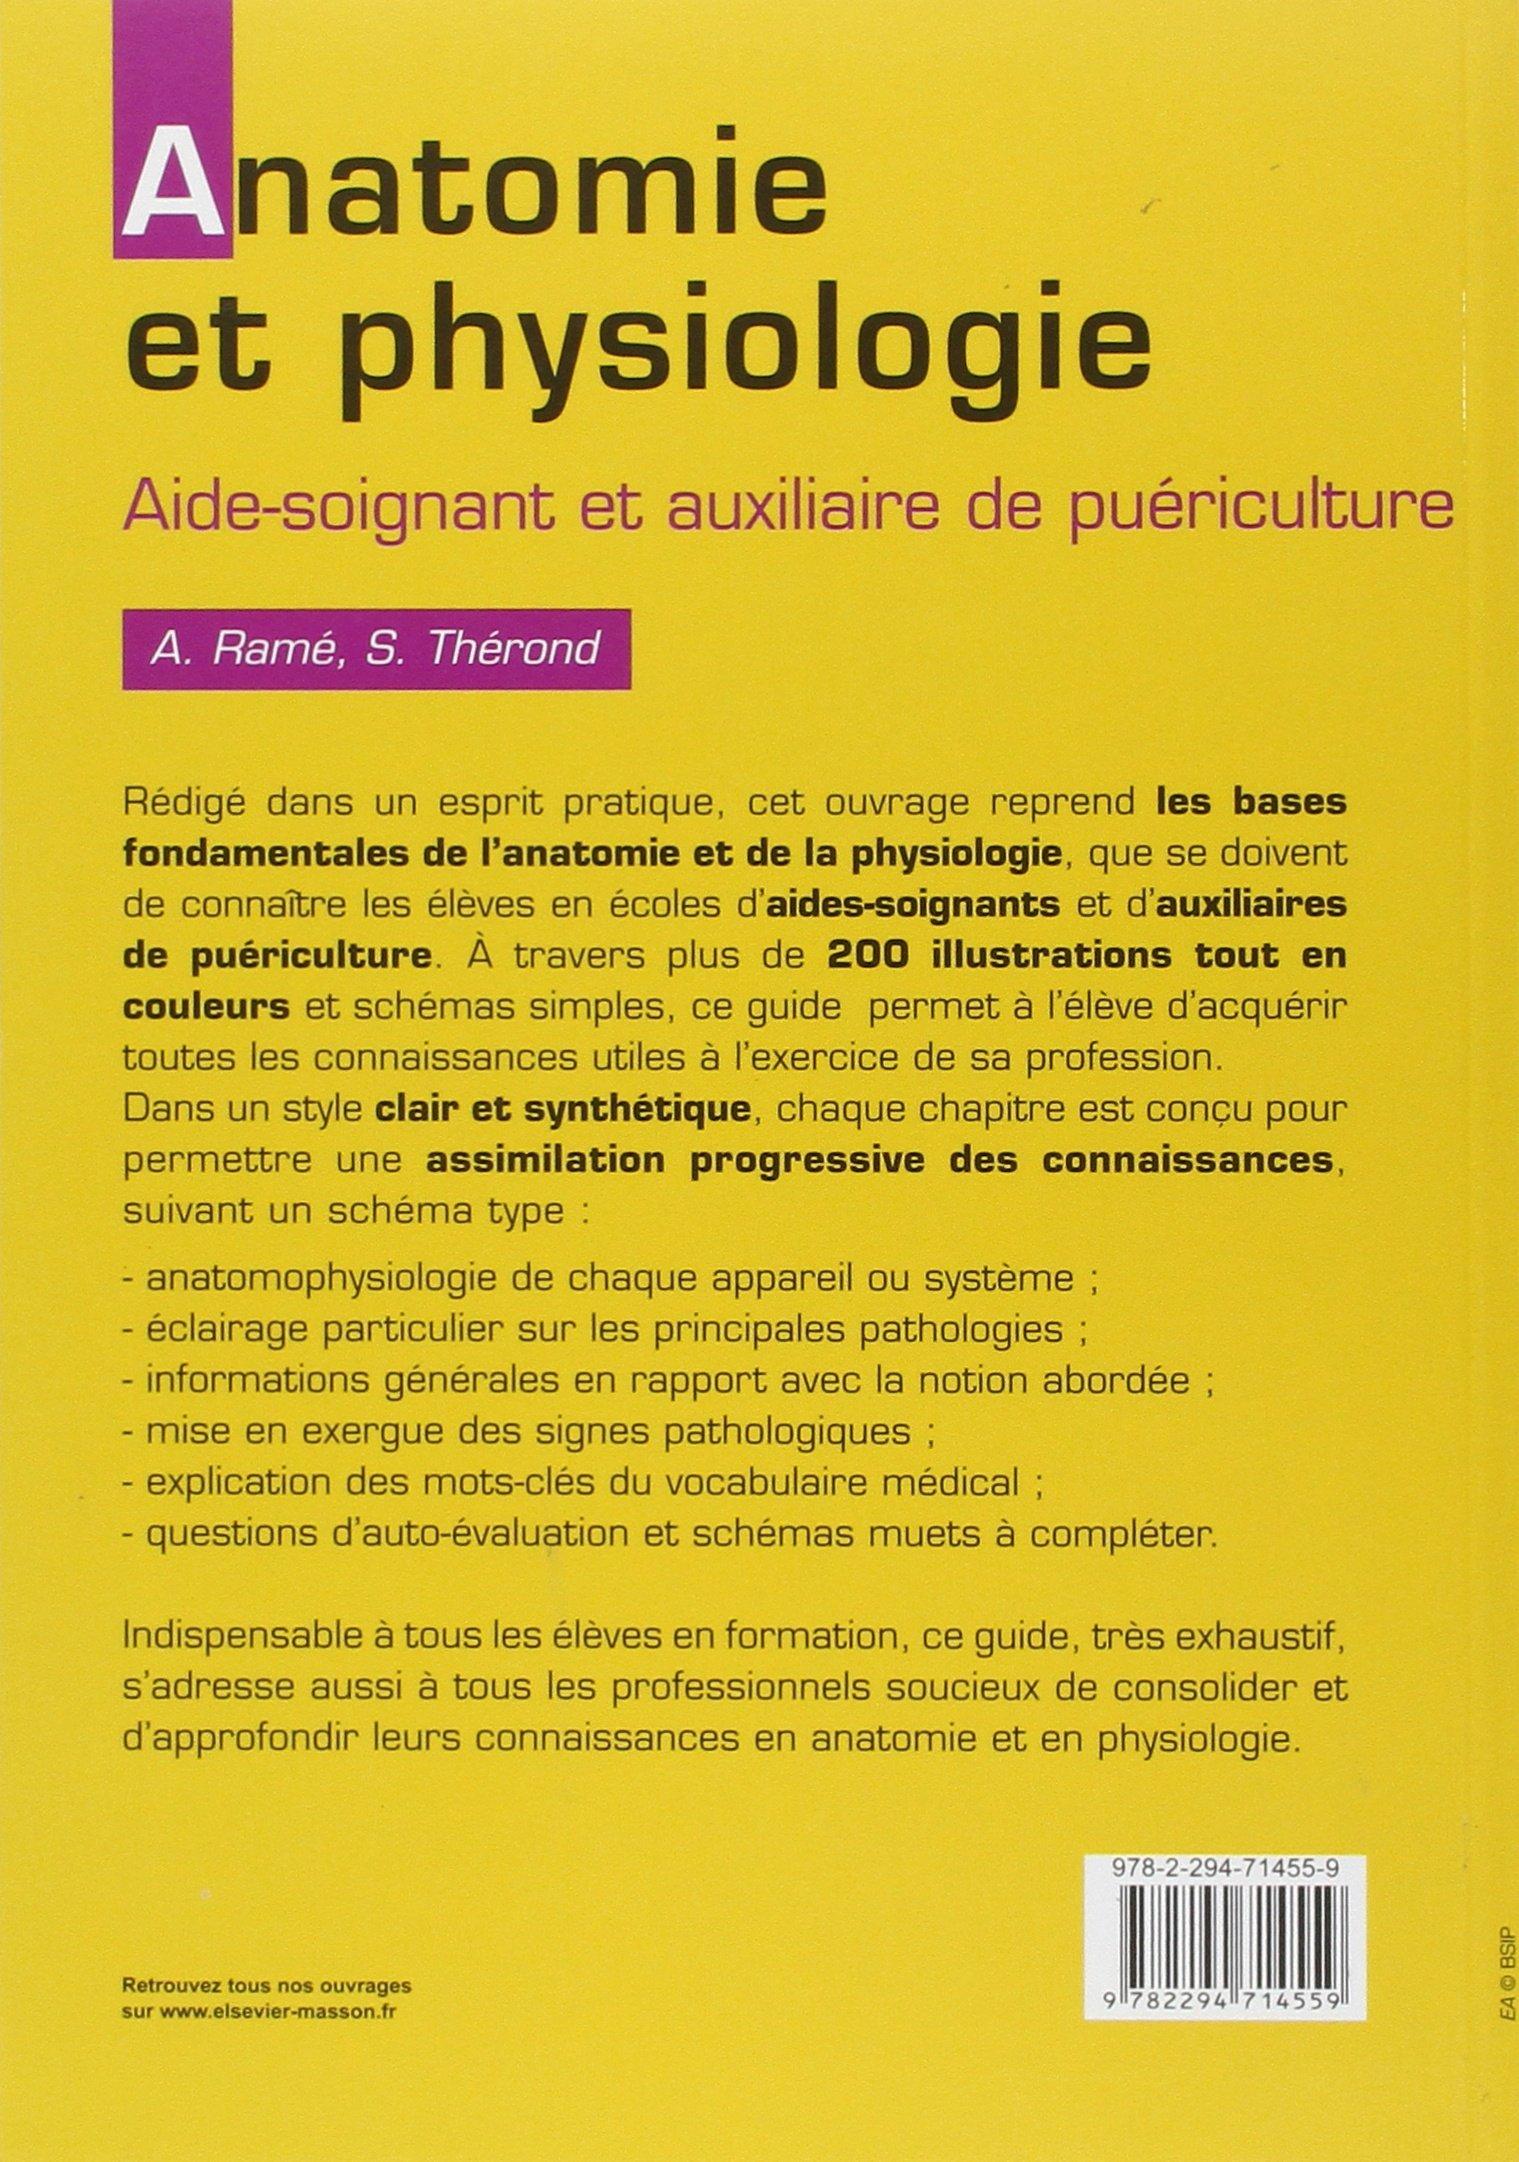 Amazon.fr - Anatomie et physiologie: Aide-soignant et auxiliaire de ...